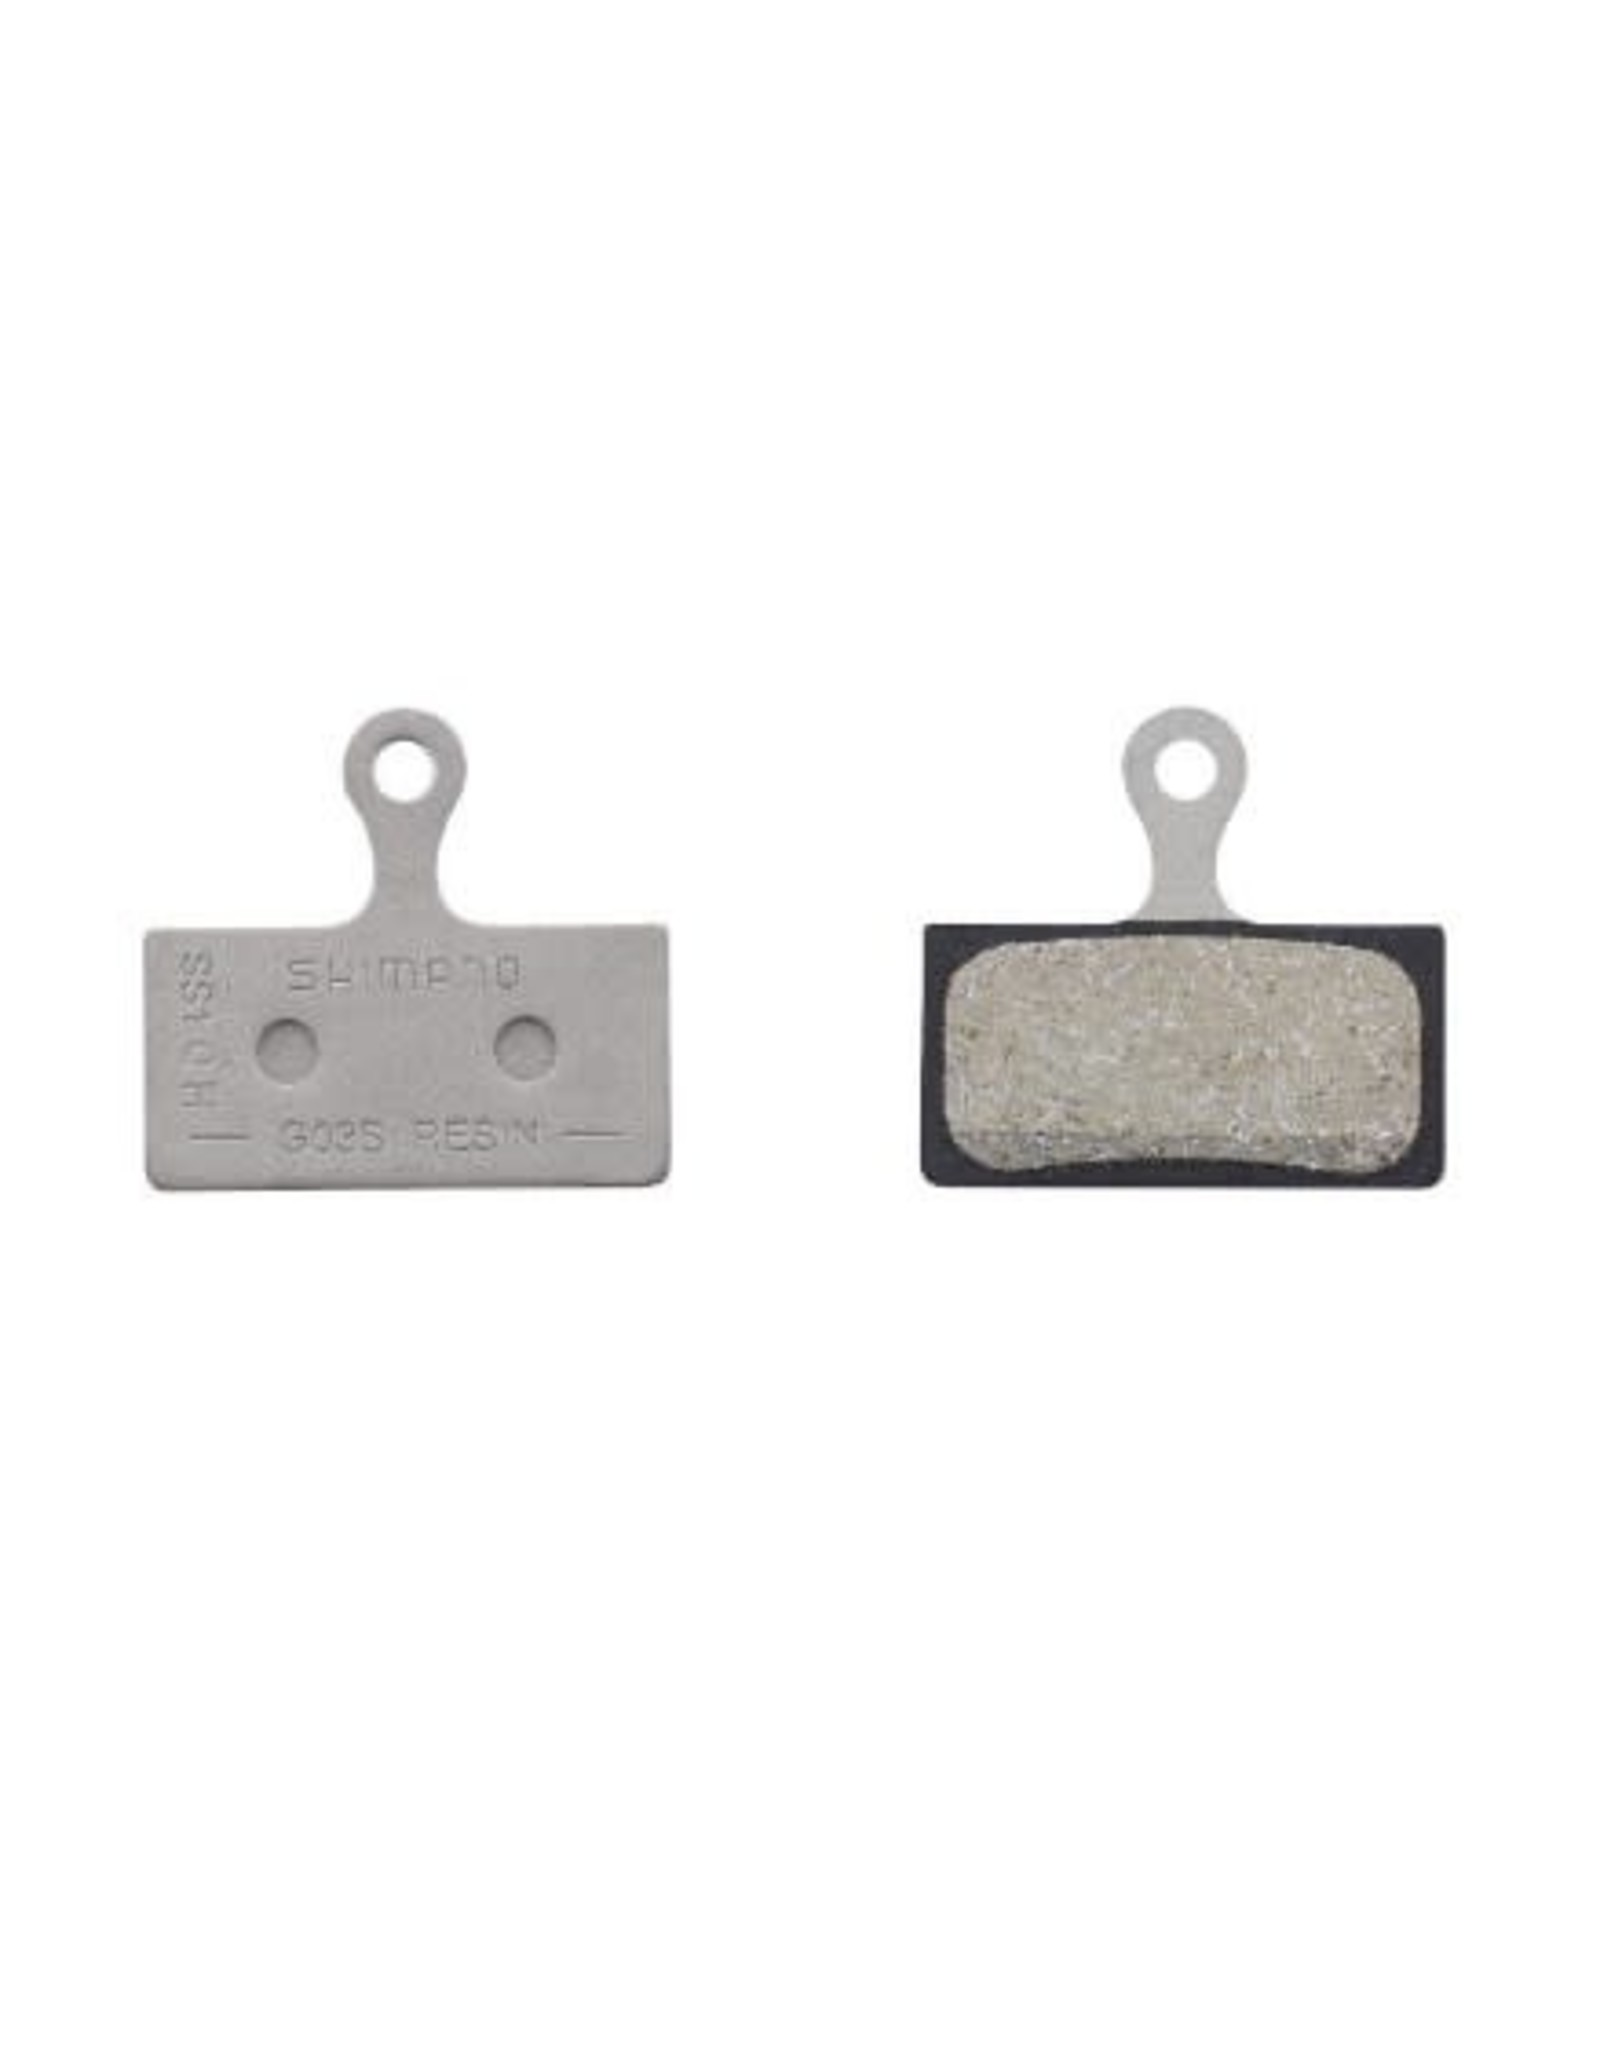 Shimano Plaquettes frein Shim G03S resin/acier (Deore,XT,SLX,Alfine) vrac 2 pist